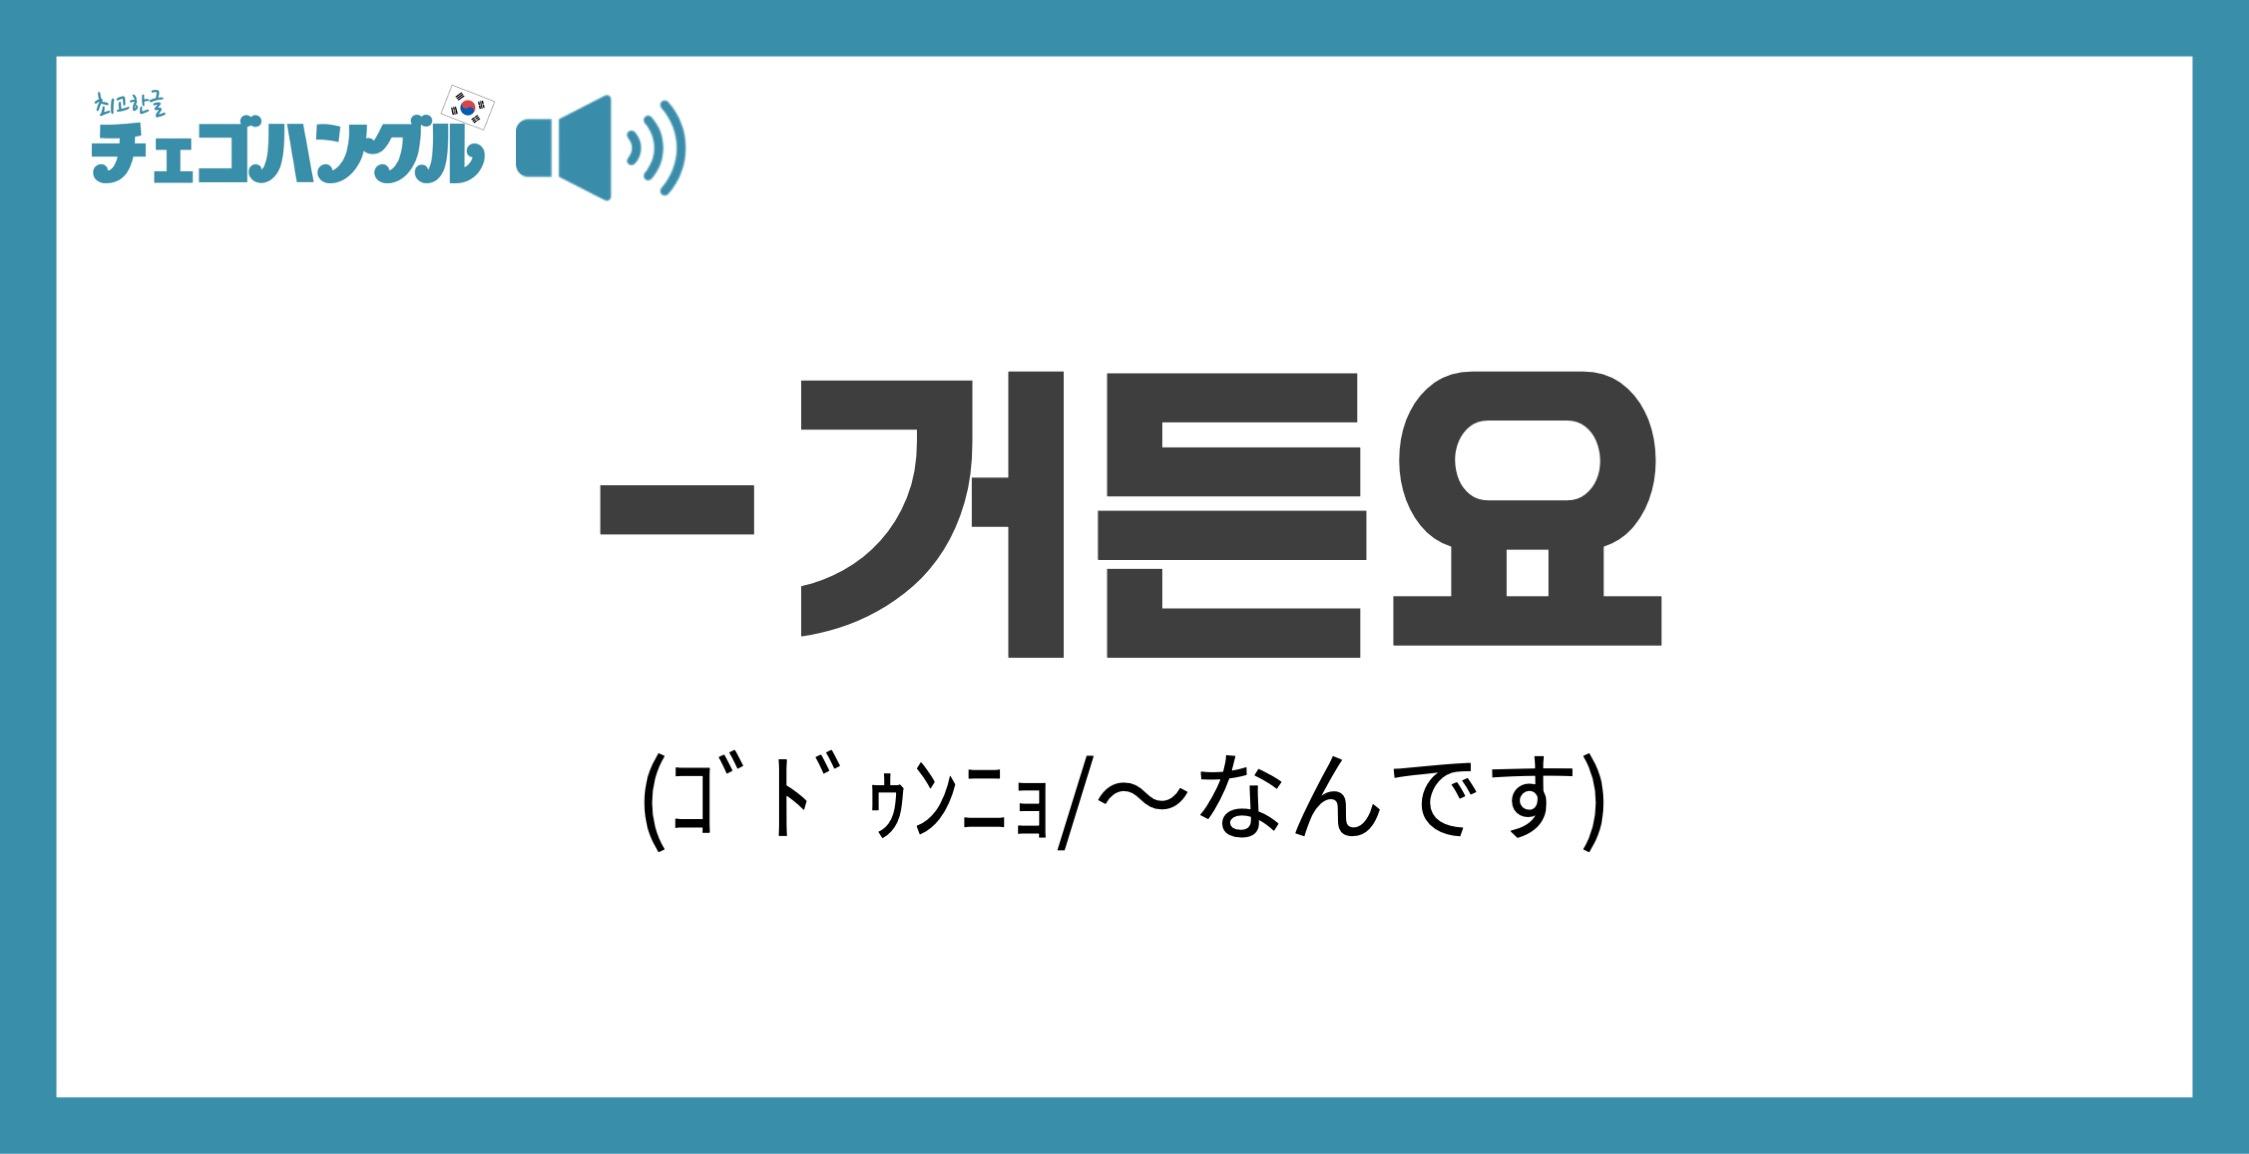 韓国語のごどぅんにょ(거든요)について解説